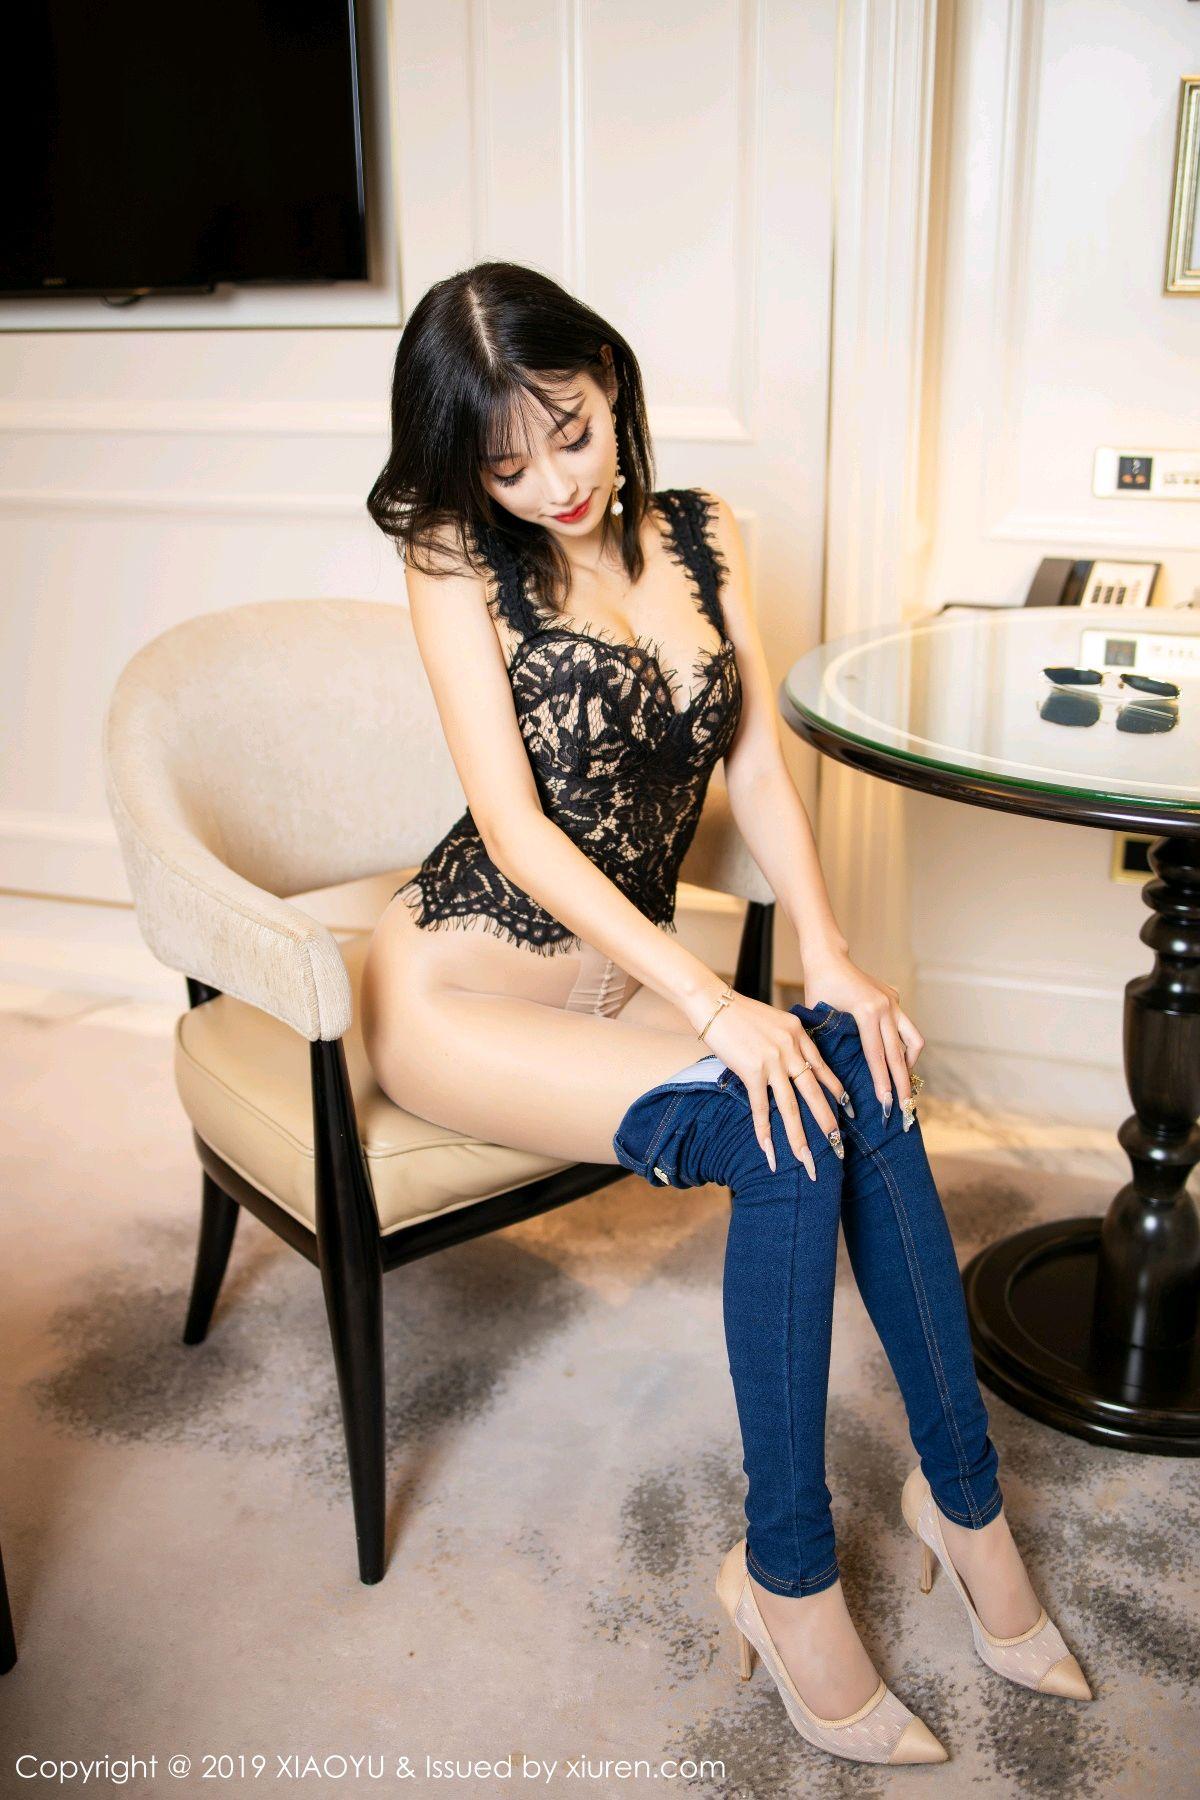 [XiaoYu] Vol.157 Yang Chen Chen 36P, XiaoYu, Yang Chen Chen